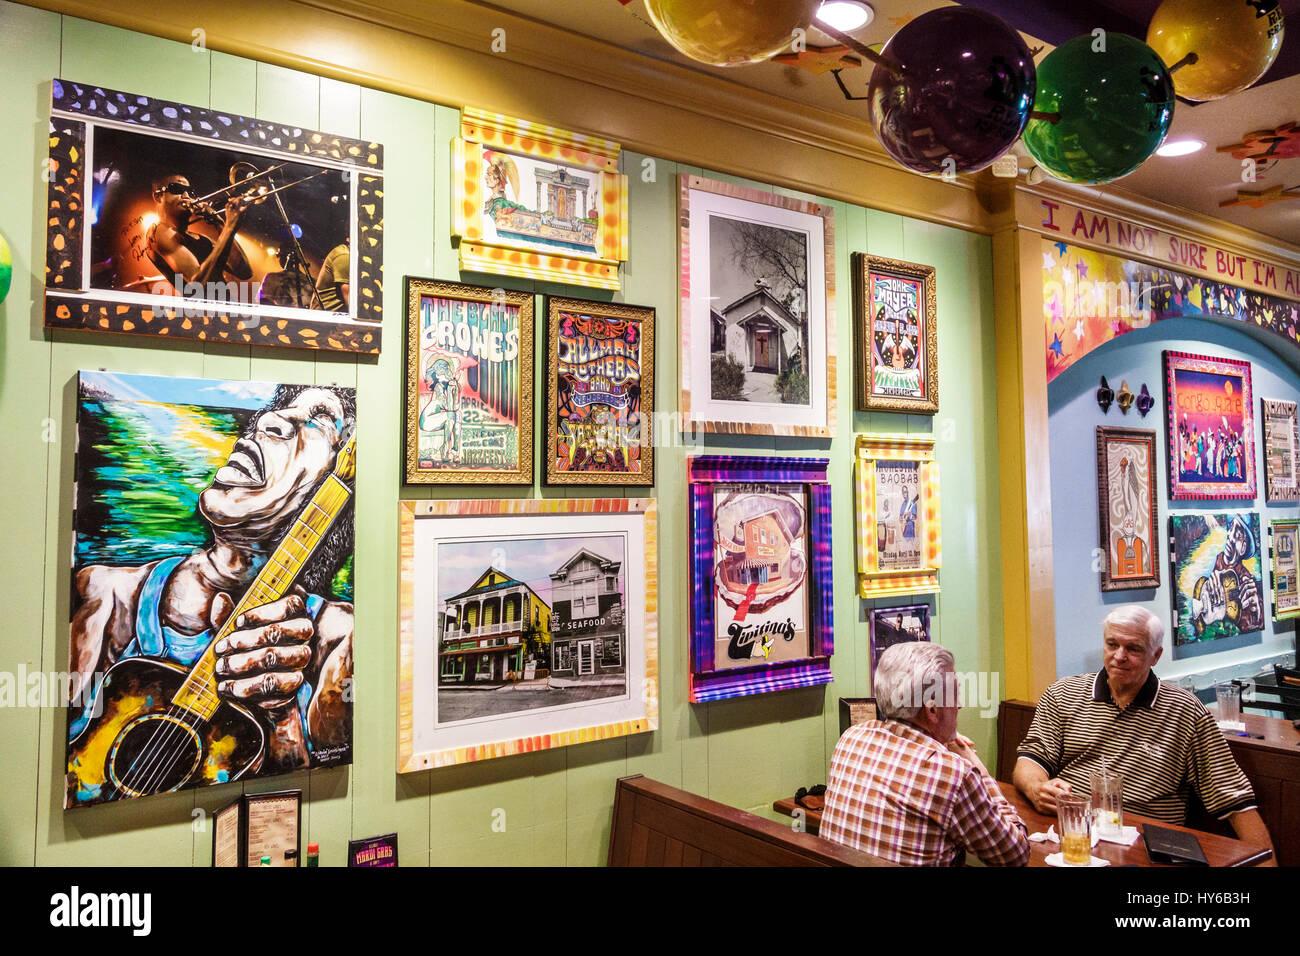 Winter Park Orlando Florida Tibby New Orleans Küche Restaurant innen ...